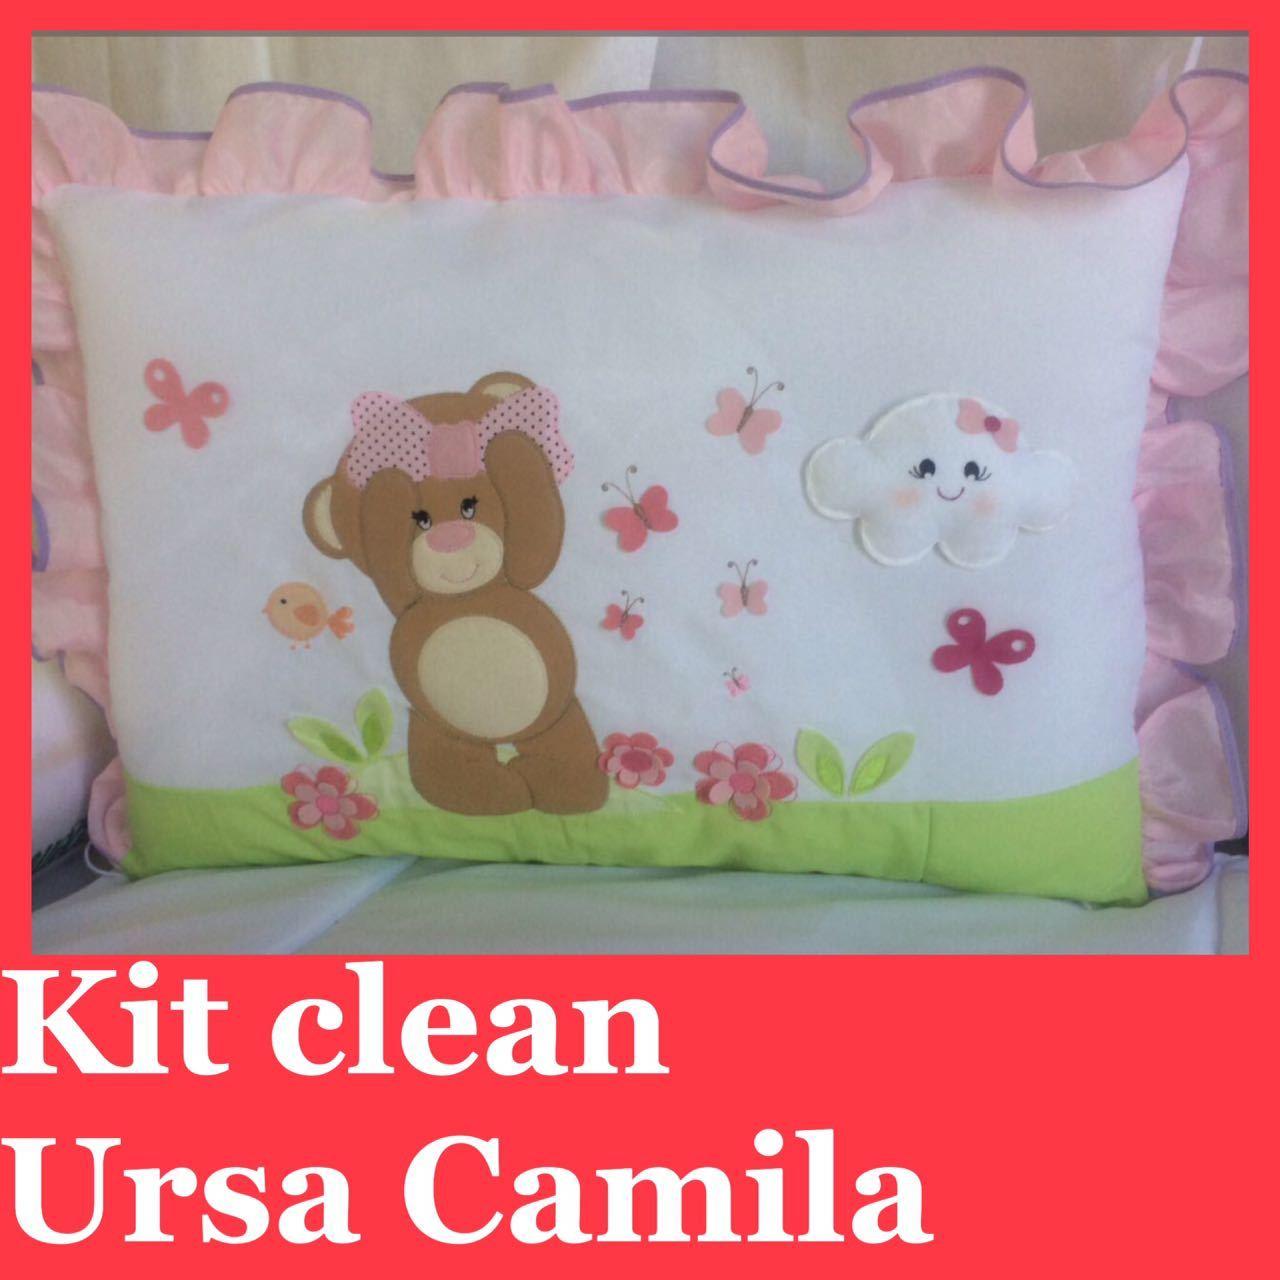 Kit Clean Ursa Camila